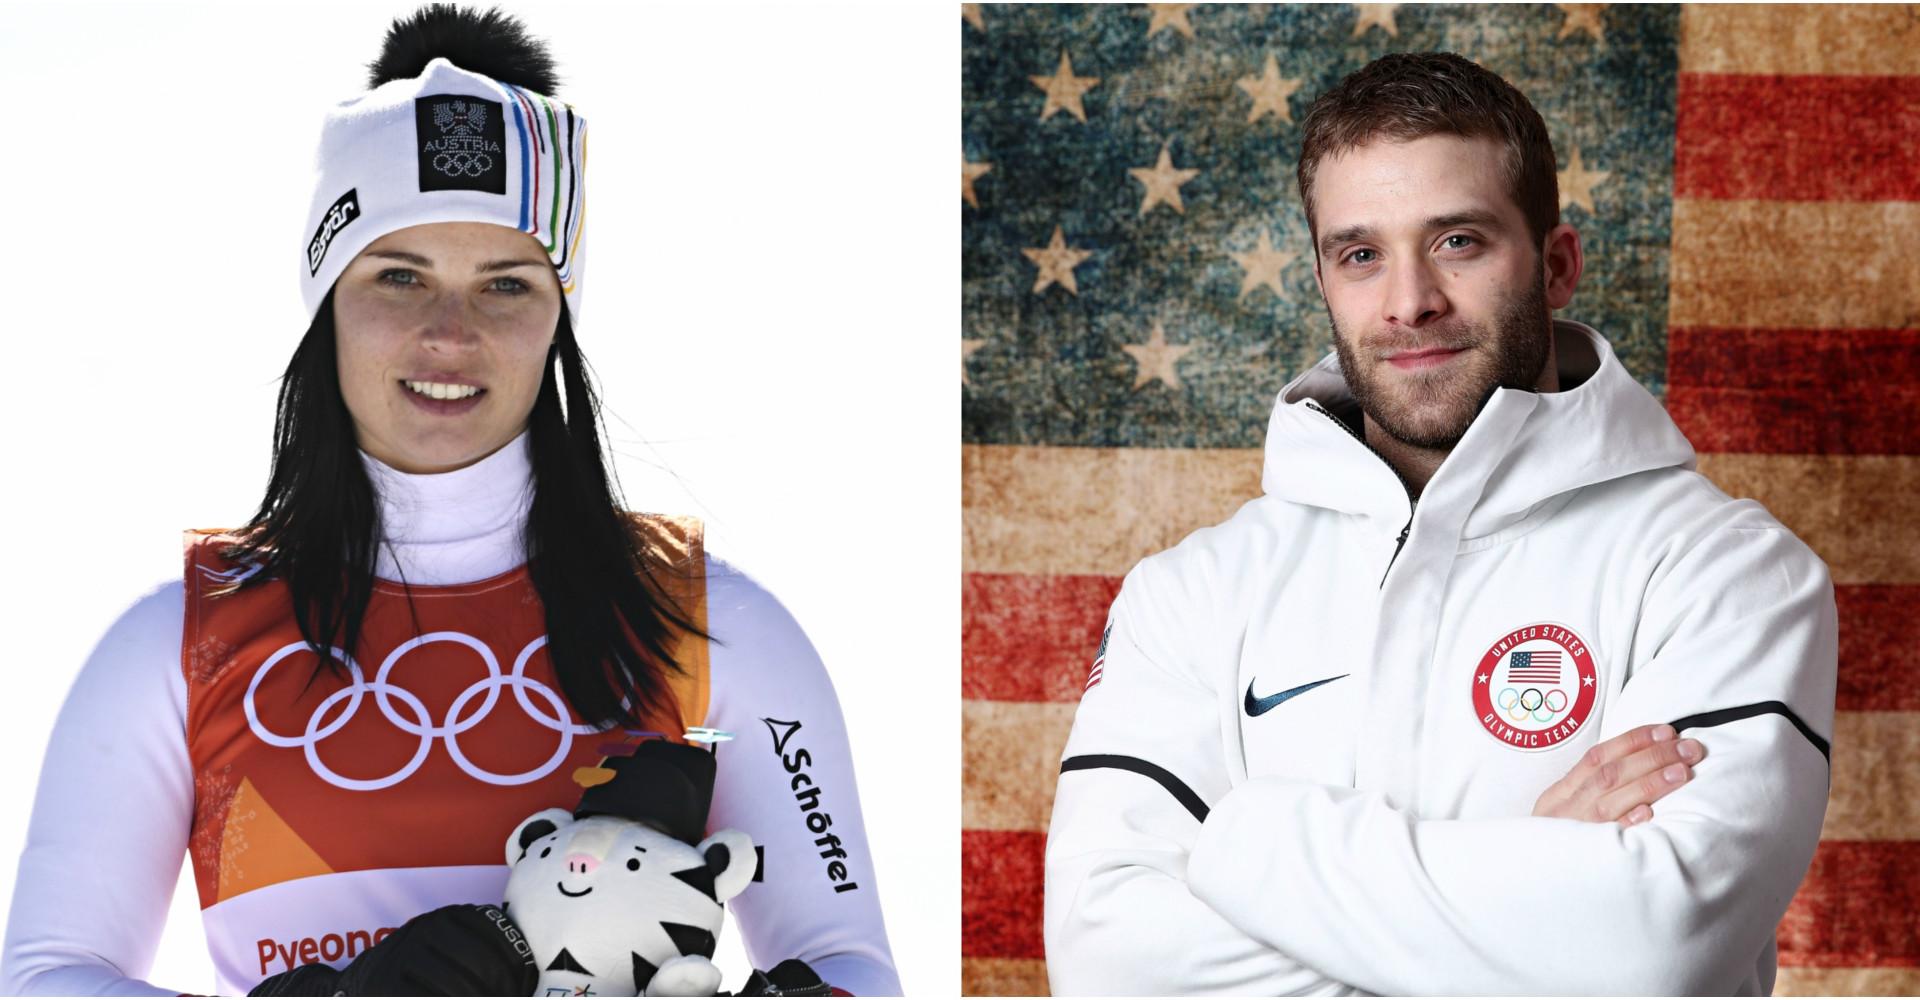 De allerknapste atleten van de Olympische Winterspelen